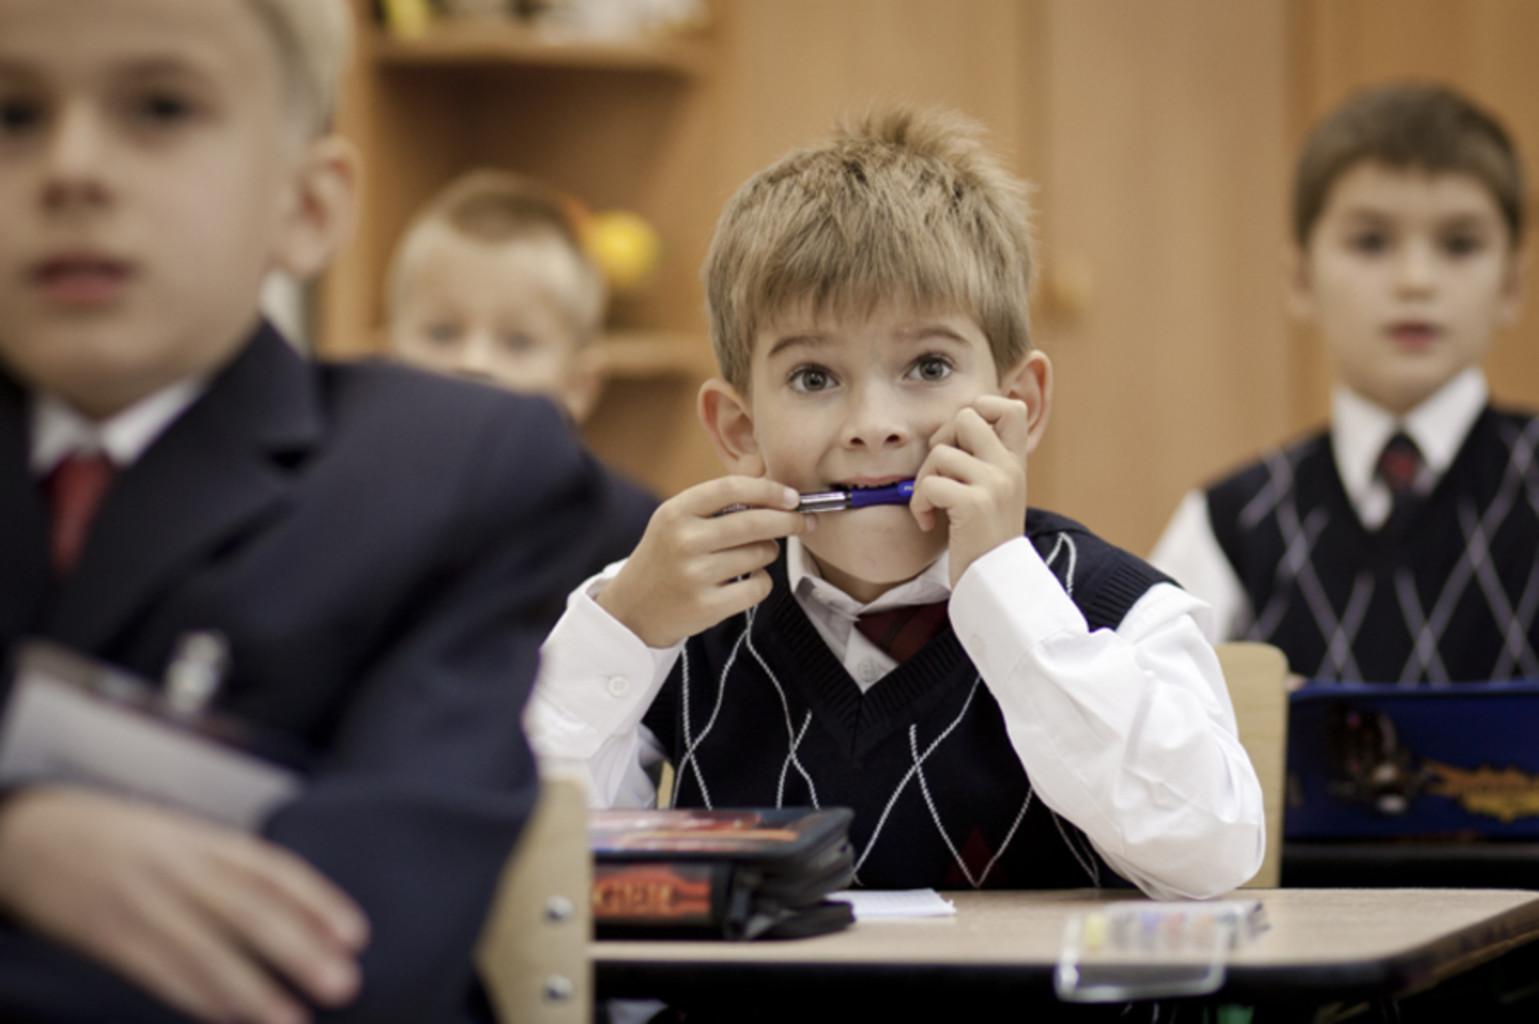 В Думу внесен законопроект об обязательном горячем питании в начальной школе